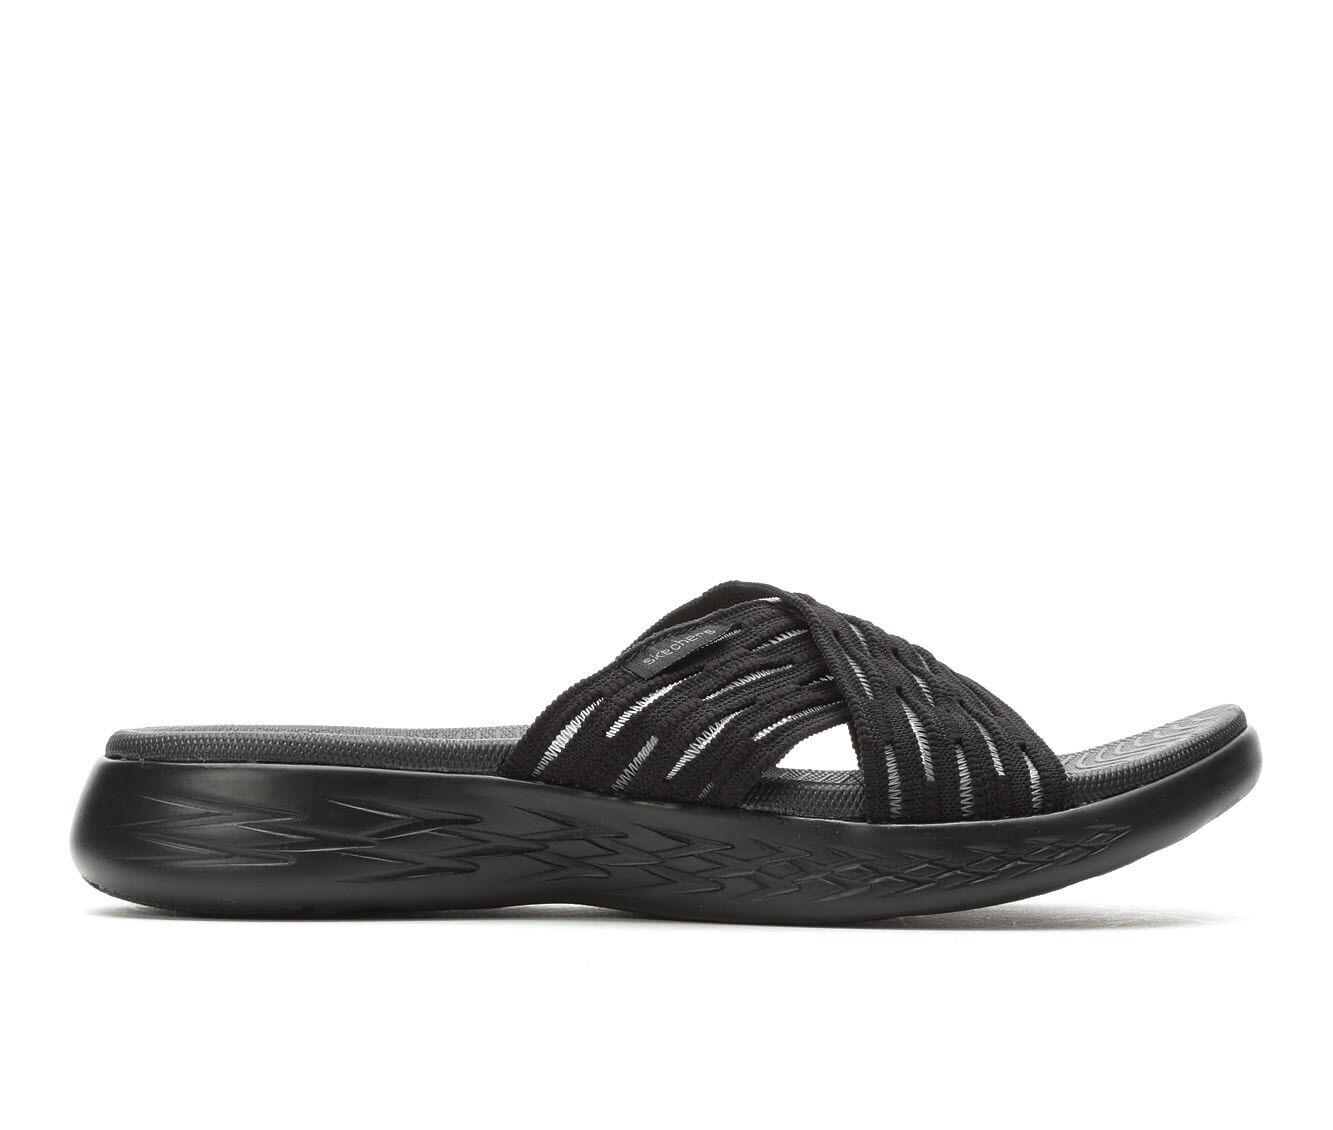 full size Women's Skechers Go Sunrise 16167 Sandals Black